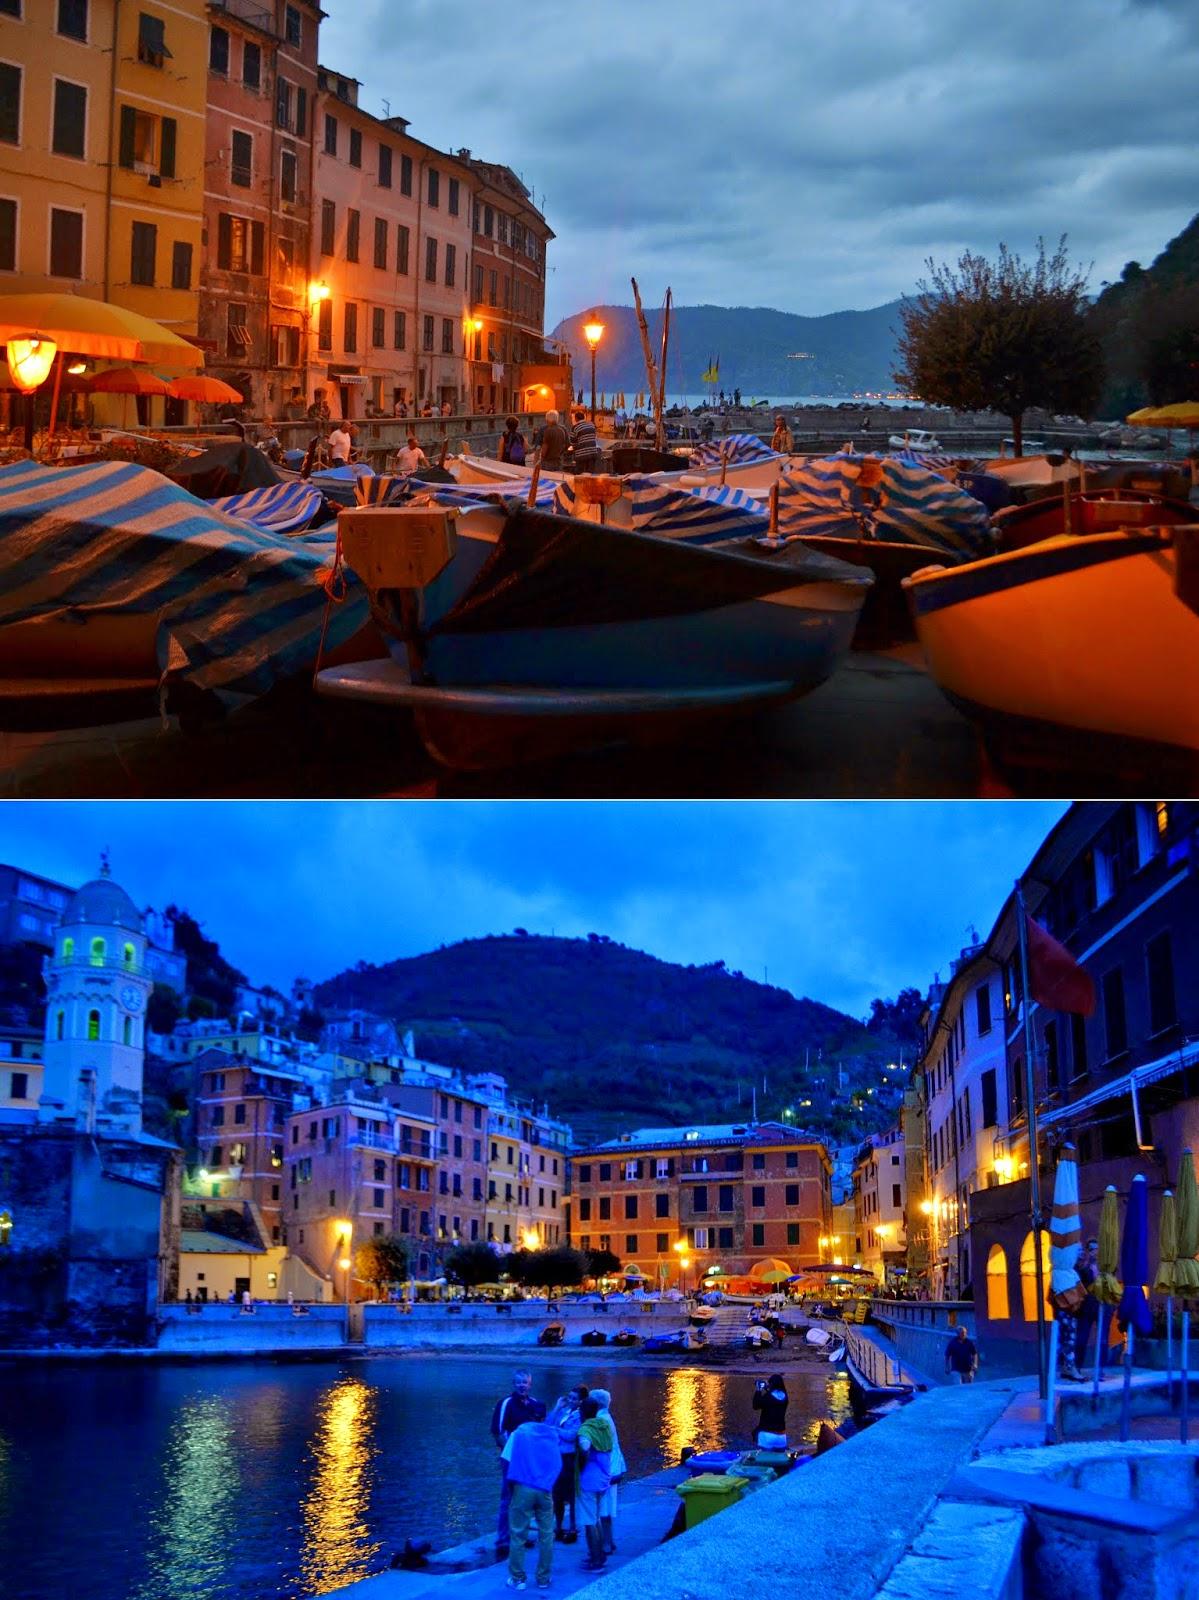 Cinque terre, vernazza, night, italy,